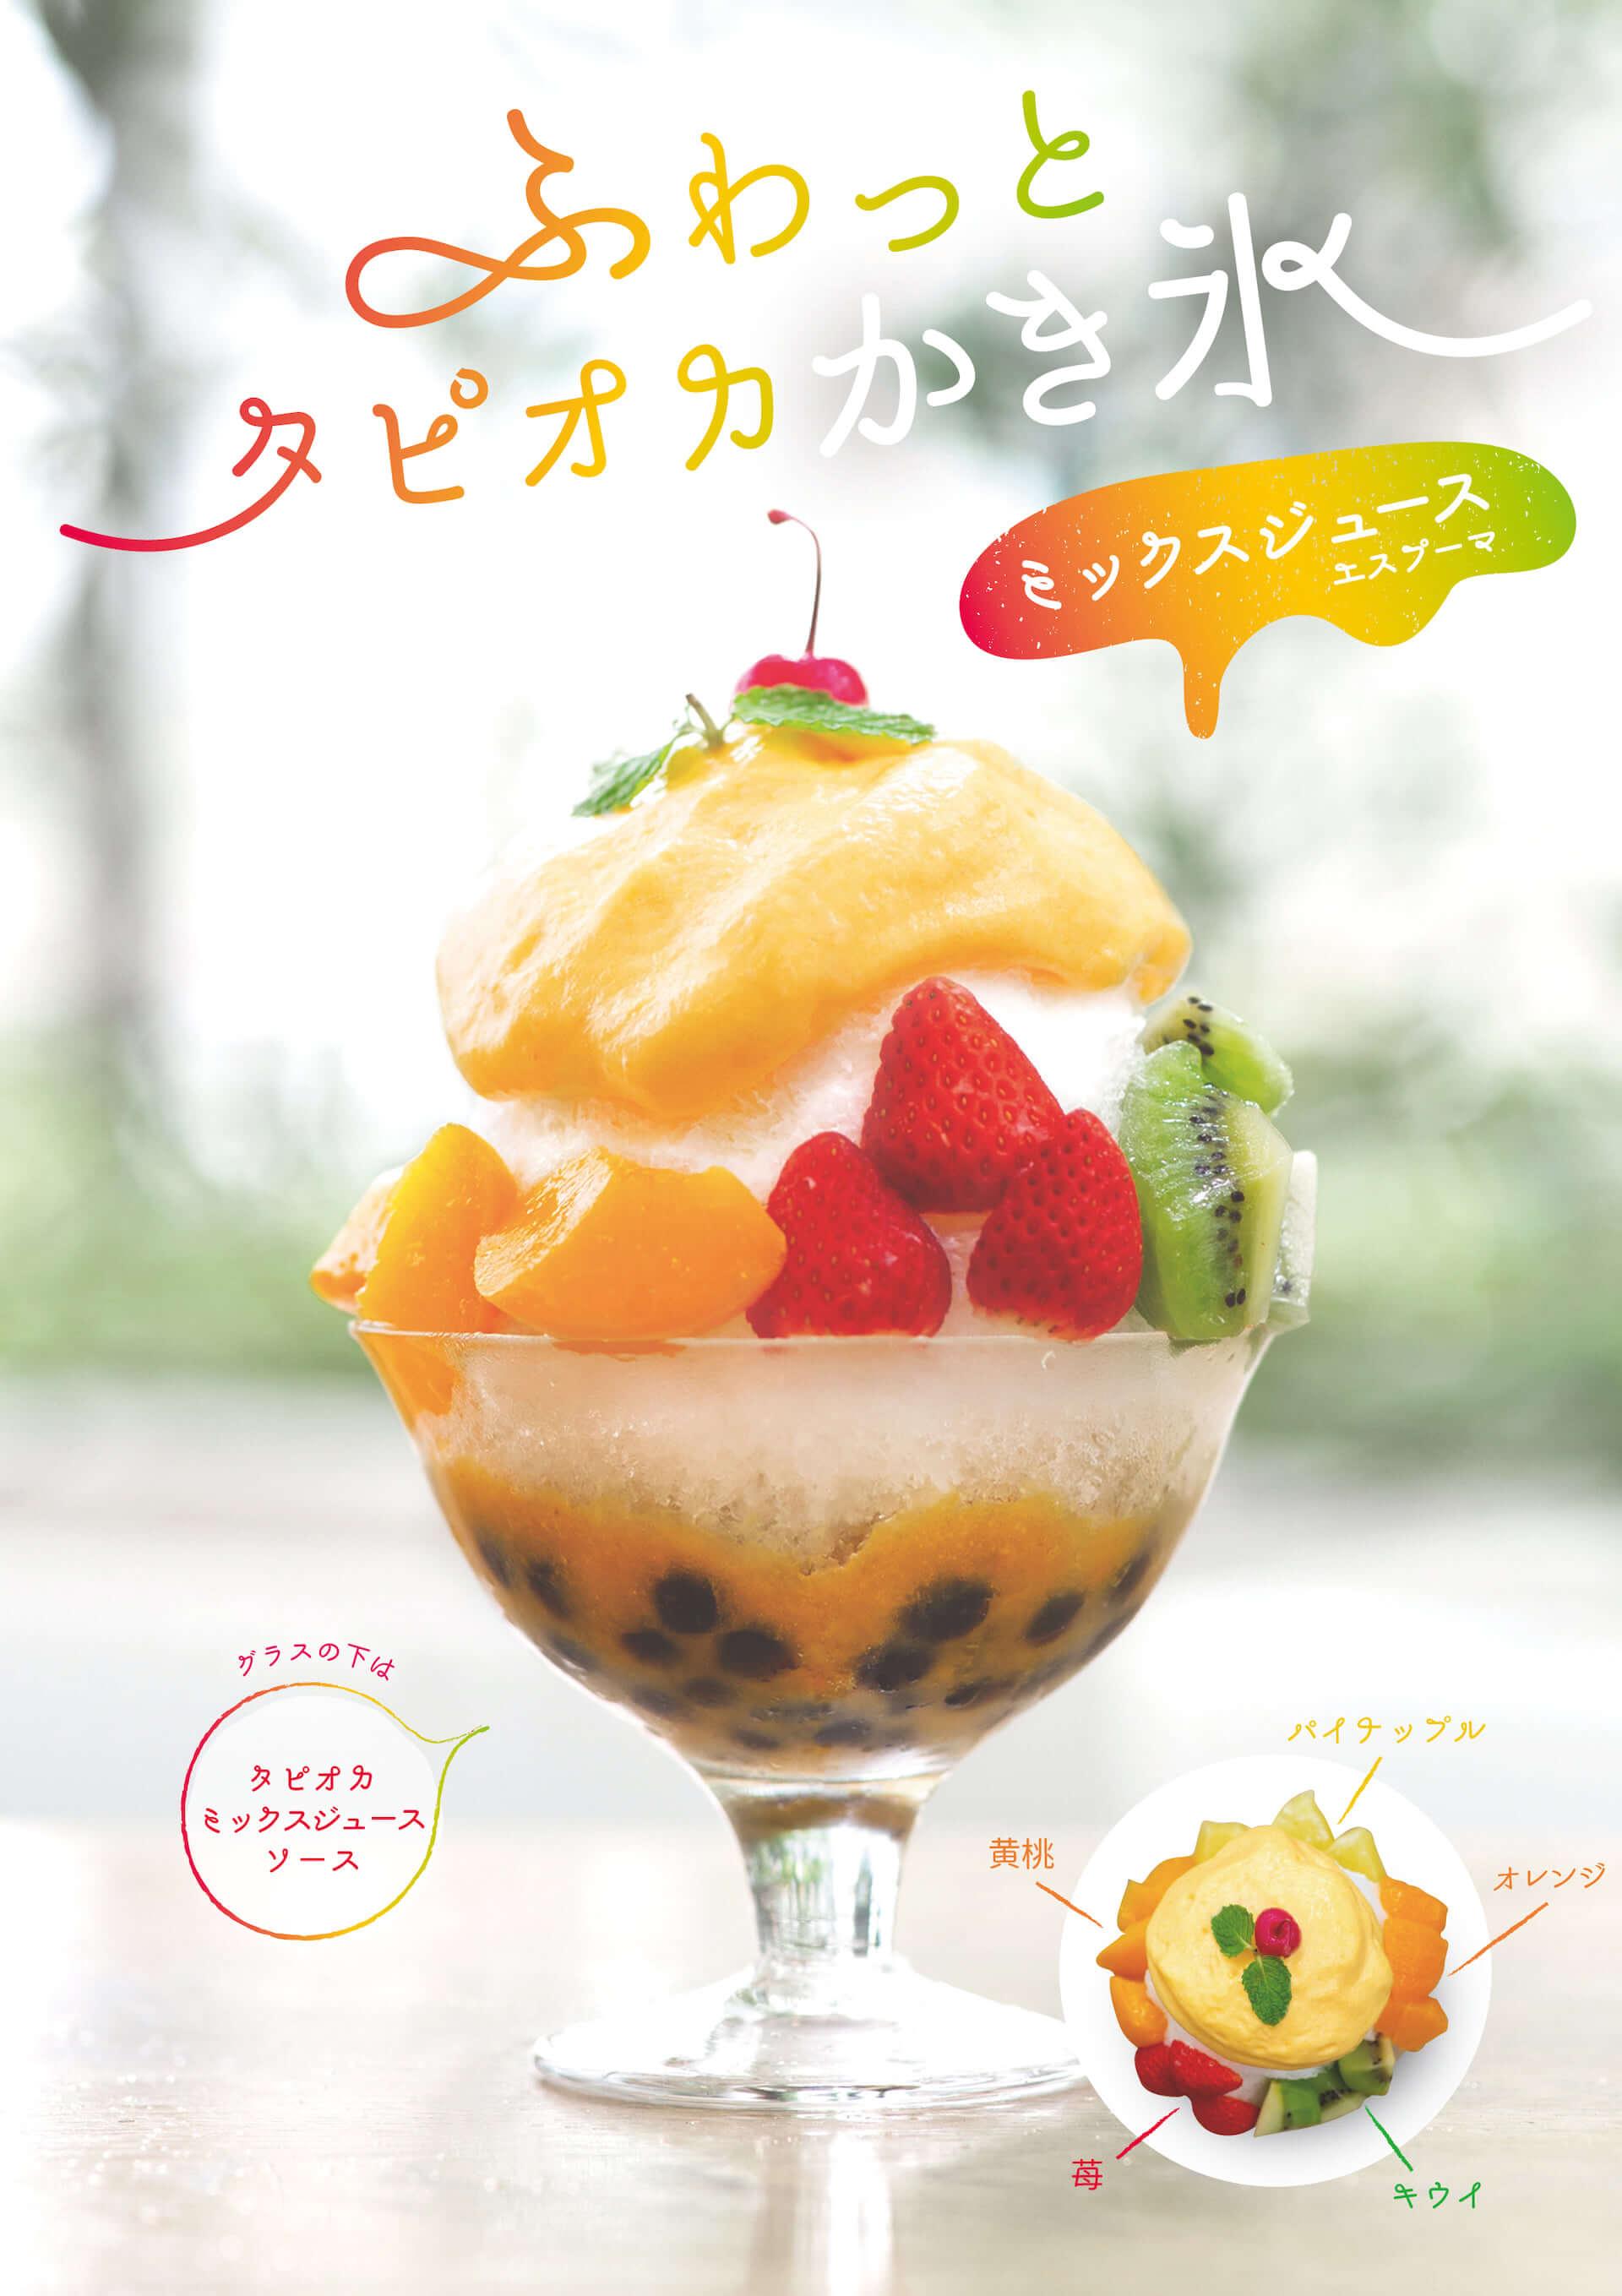 大阪名物ミックスジュース×タピオカかき氷が新登場!5種のフルーツがトッピングされた「ふわっとタピオカかき氷」 gourmet190626mixedjuice-kakigori_3-1920x2718